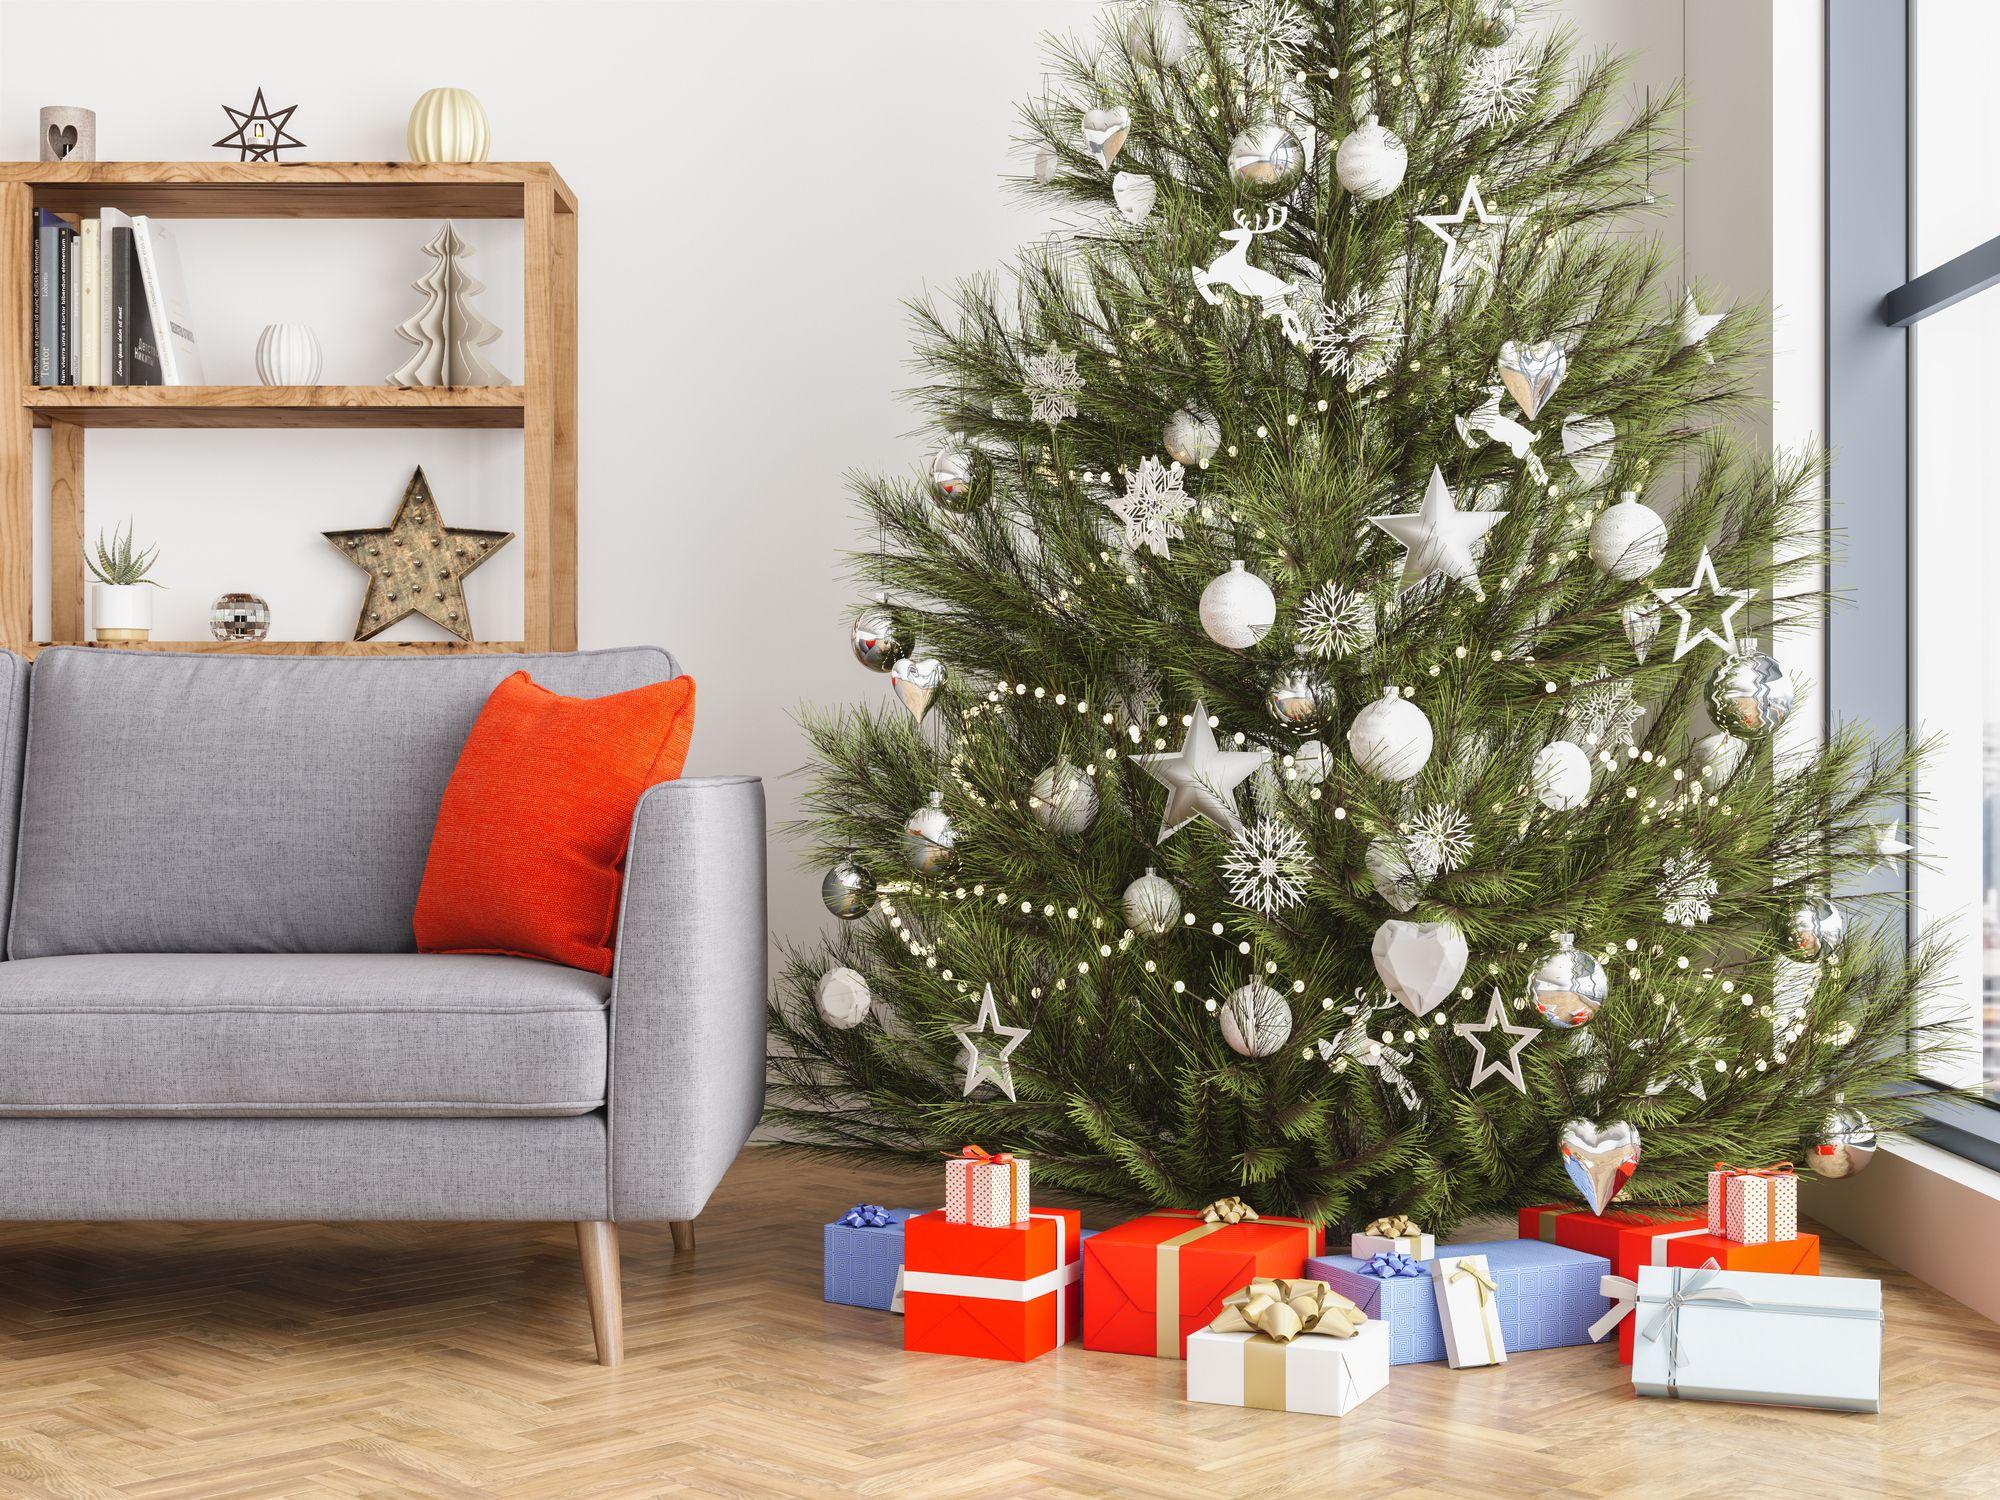 Christmas Tree Bug Warning 2020 Christmas Tree Bugs   How to Prevent Christmas Tree Bugs